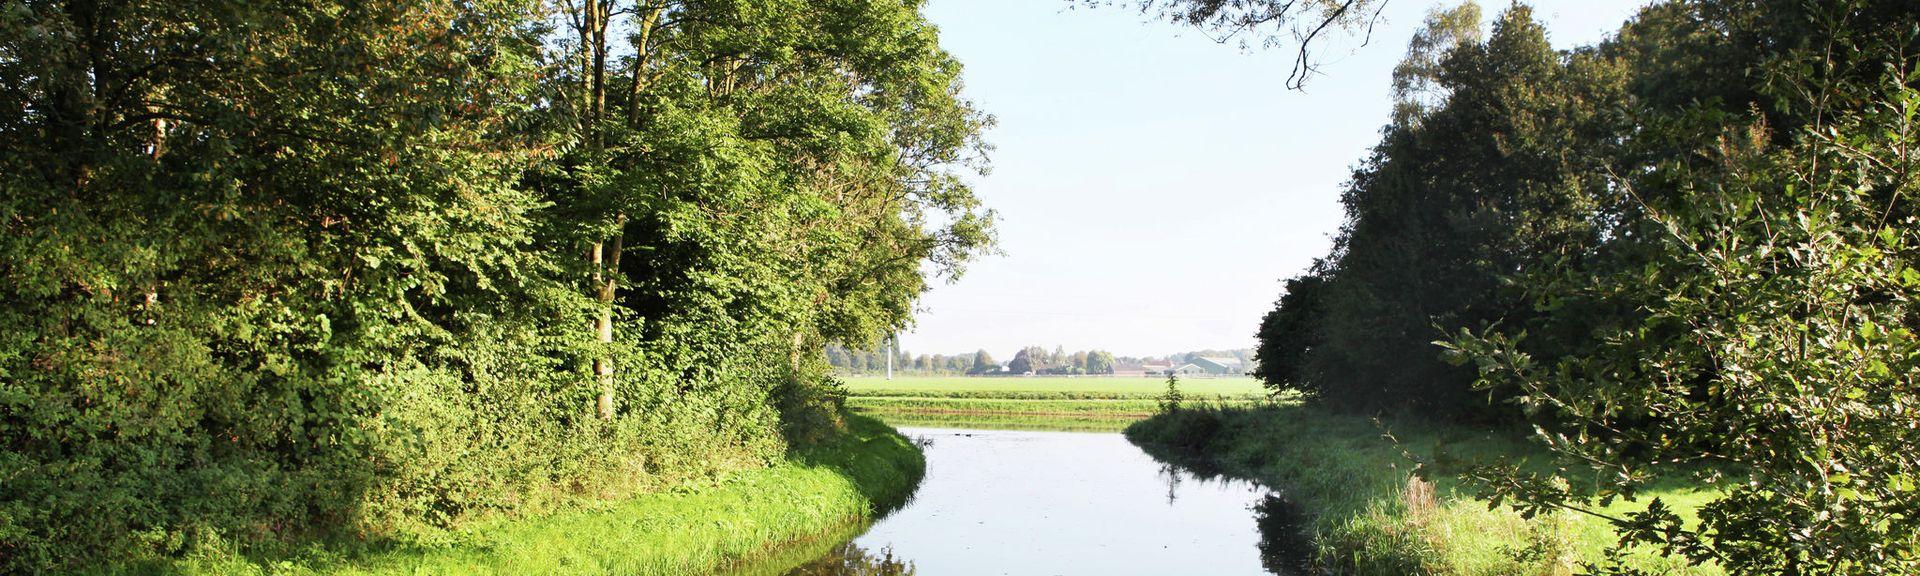 Municipality of Wierden, Netherlands